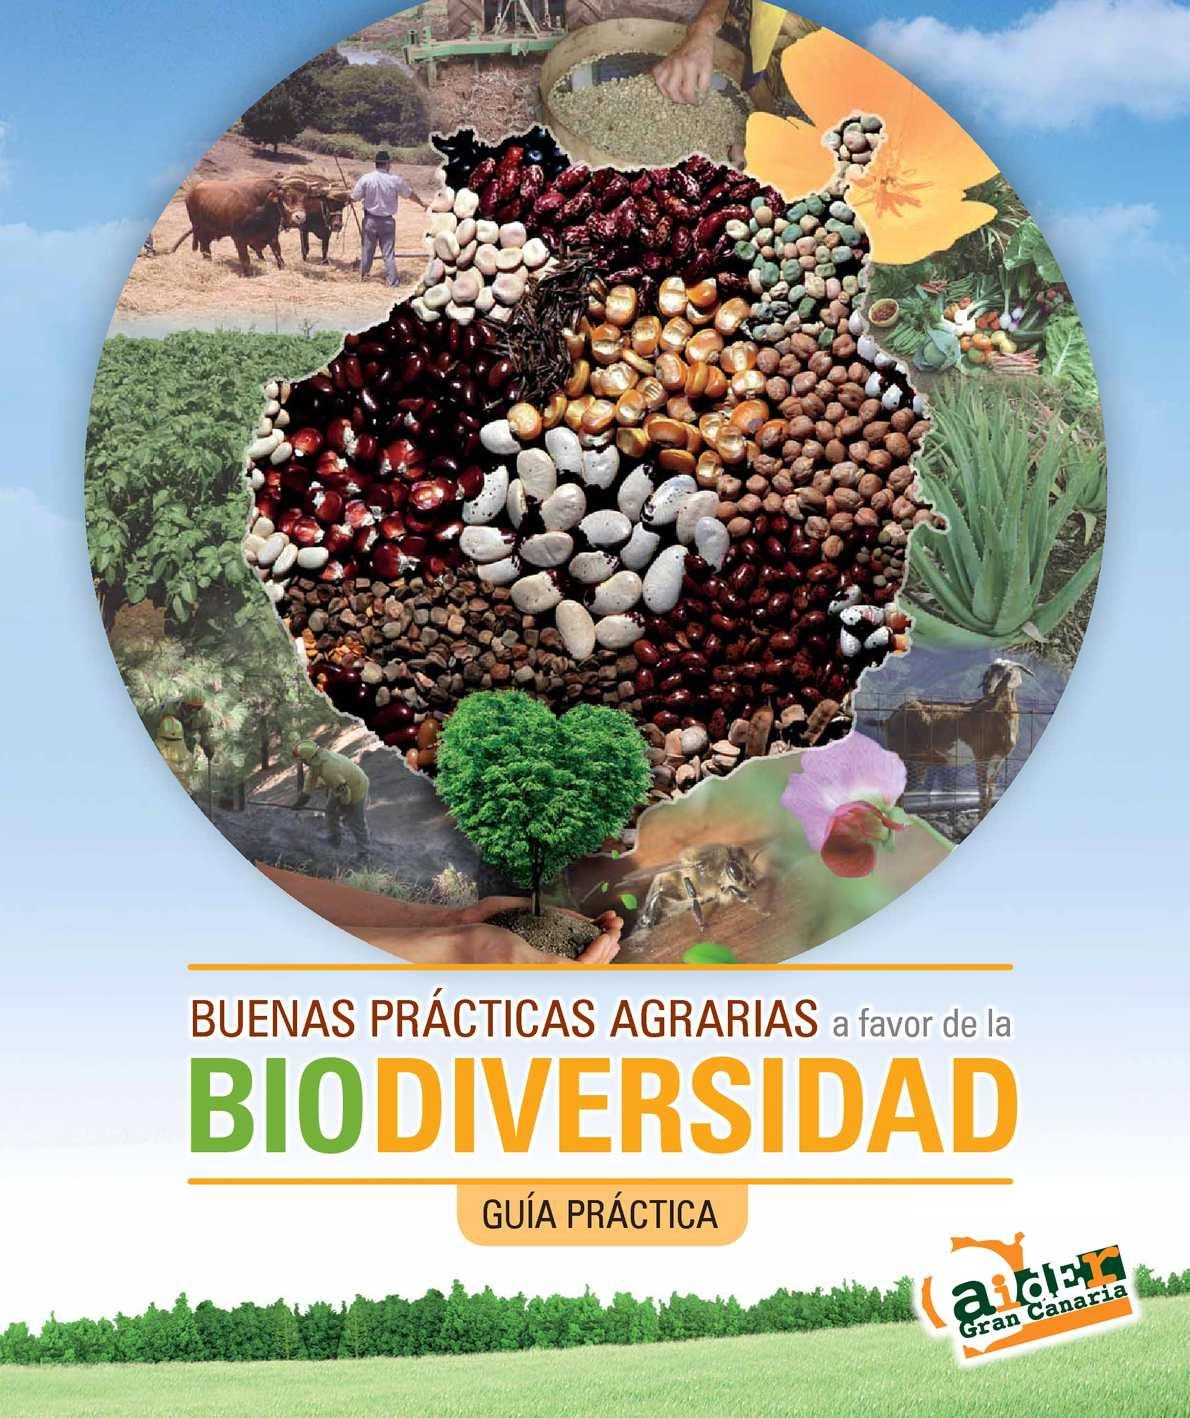 Buenas prácticas agrarias a favor de la biodiversidad. Guía práctica